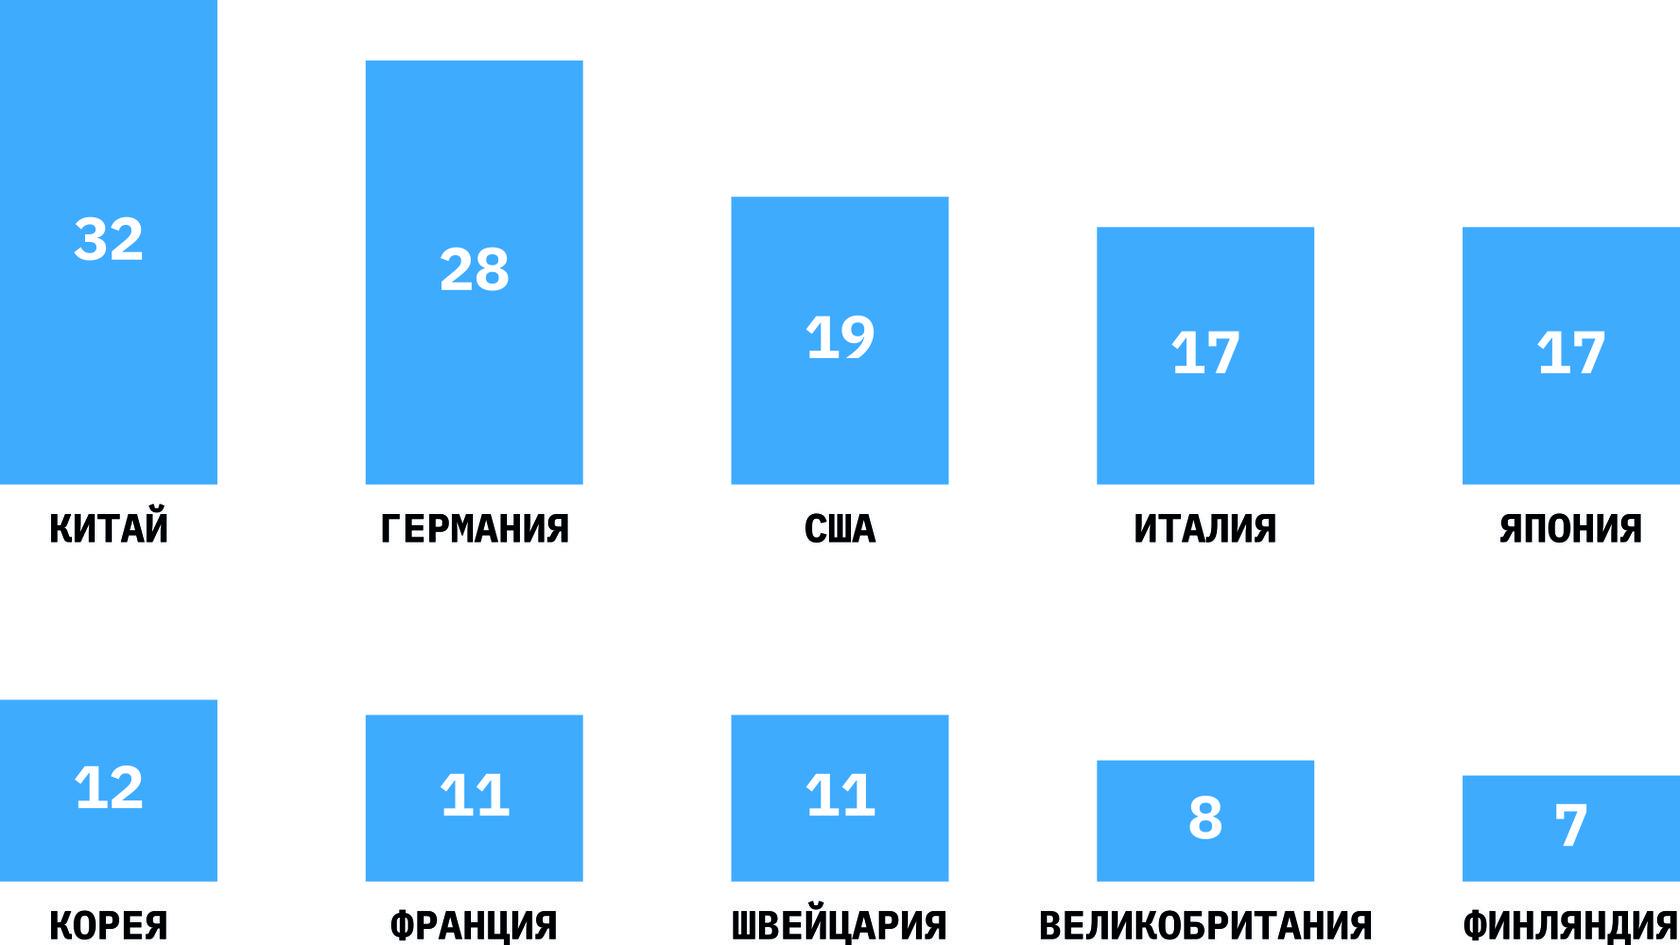 Крупнейшие финские инвесторы в России